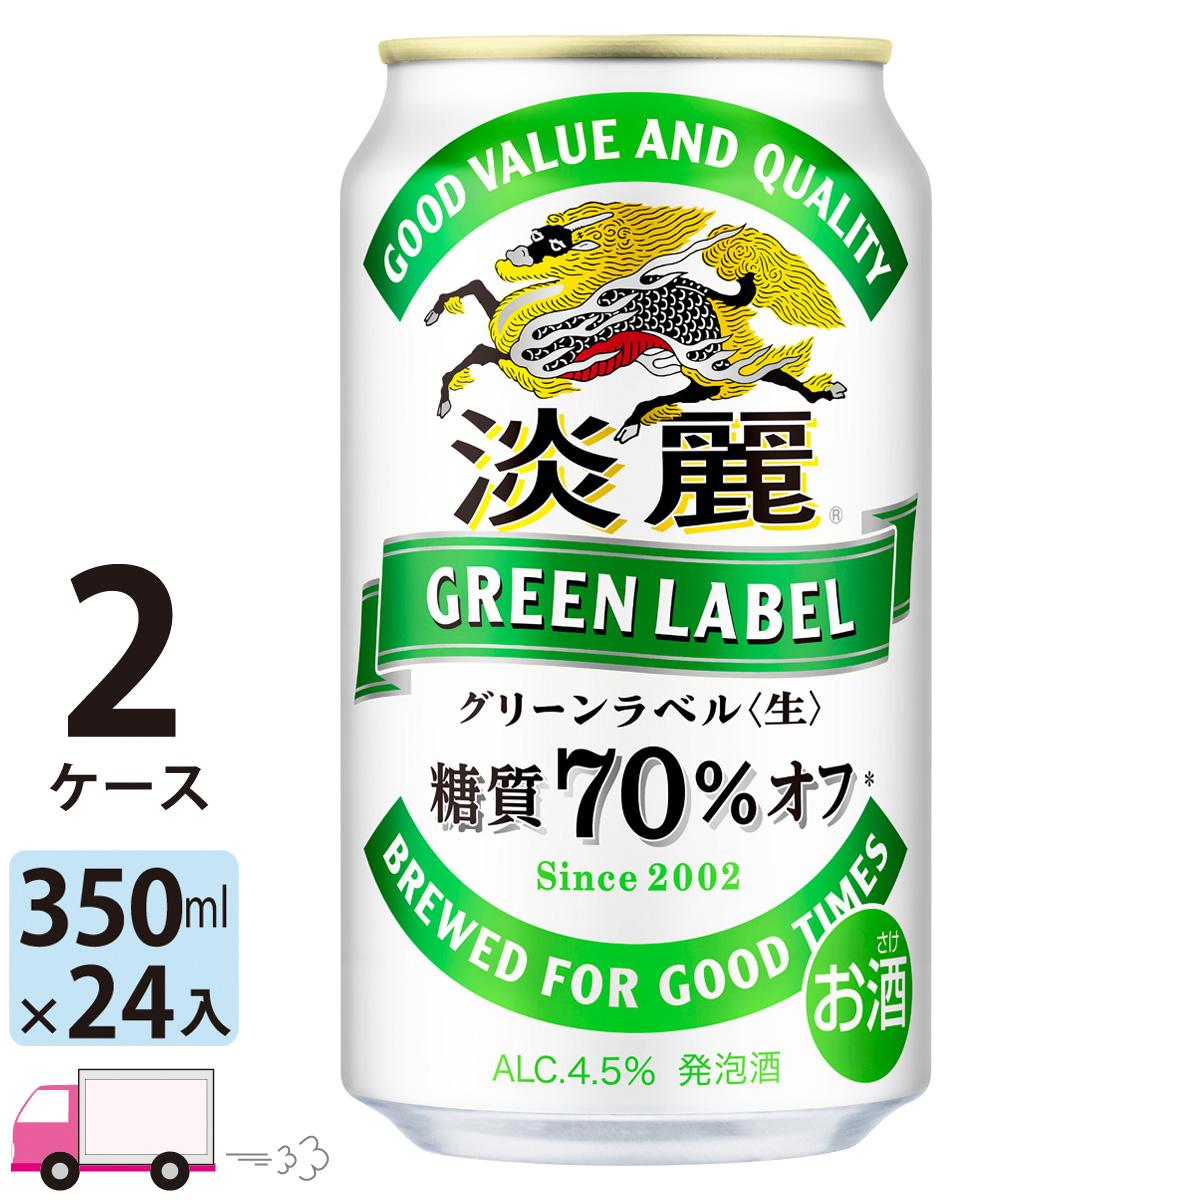 糖質70%オフで、すっきり飲みやすい、淡麗グリーンラベル。 送料無料 キリン ビール 淡麗 グリーンラベル 350ml ×24缶入 2ケース (48本)